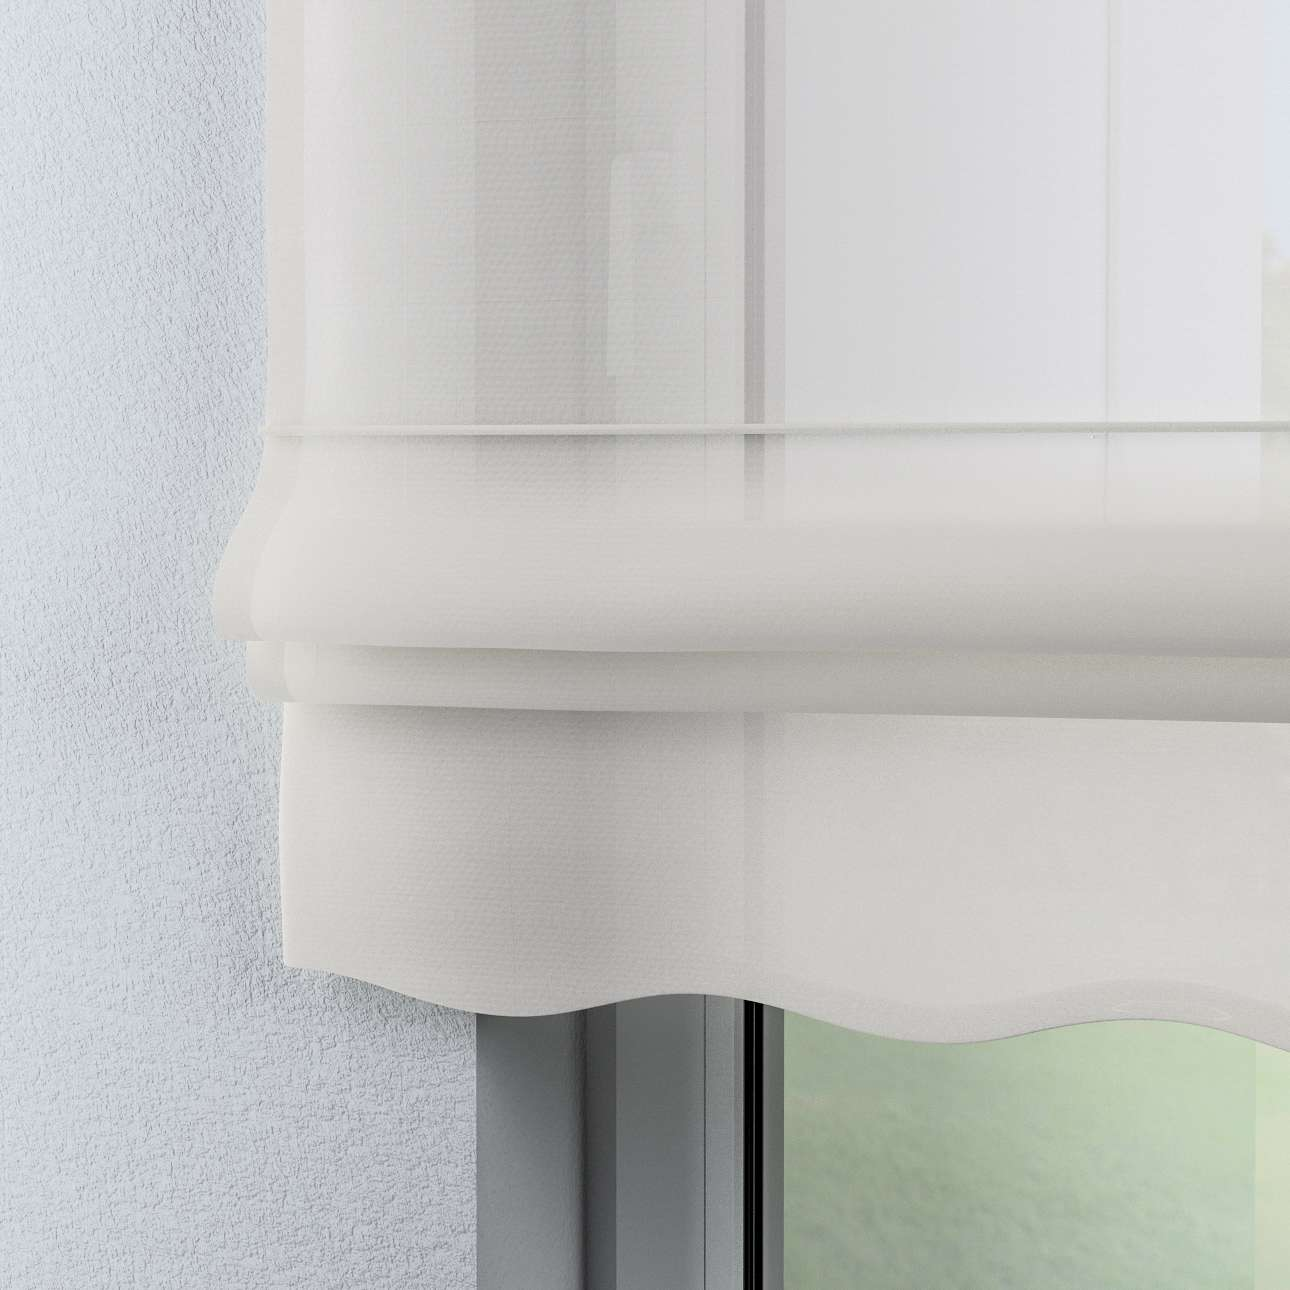 Záclonová roleta Napoli  100 x 180 cm V kolekcii Záclona hladká, tkanina: 900-01